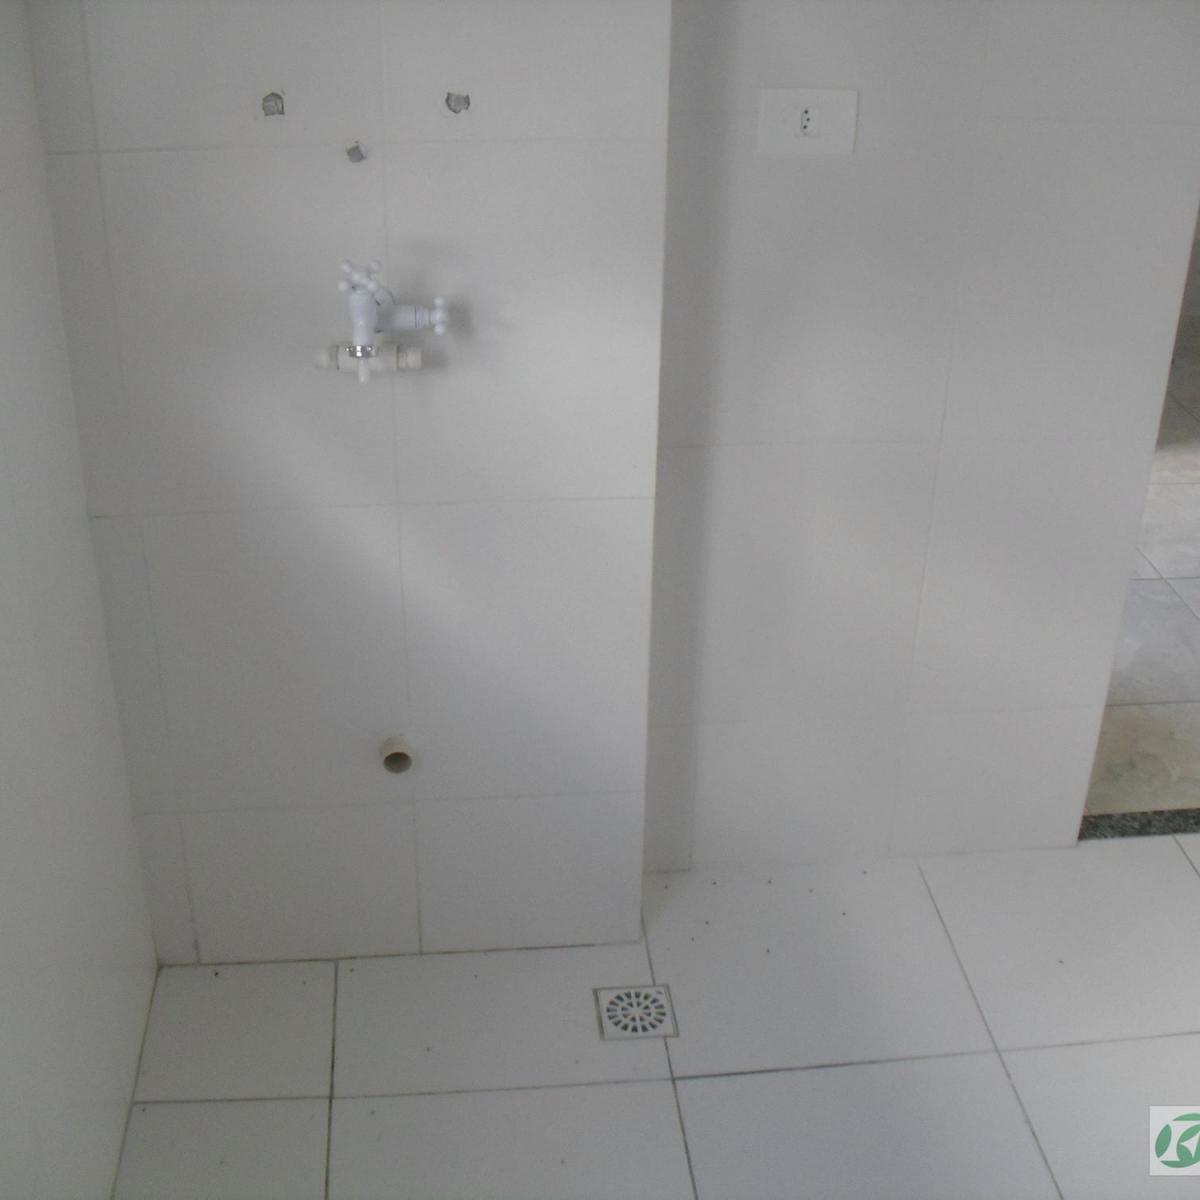 Imagens de #557664  em hauer rua frederico maurer 1254 apto 106 bl 1 hauer curitiba 1200x1200 px 2898 Box Banheiro Hauer